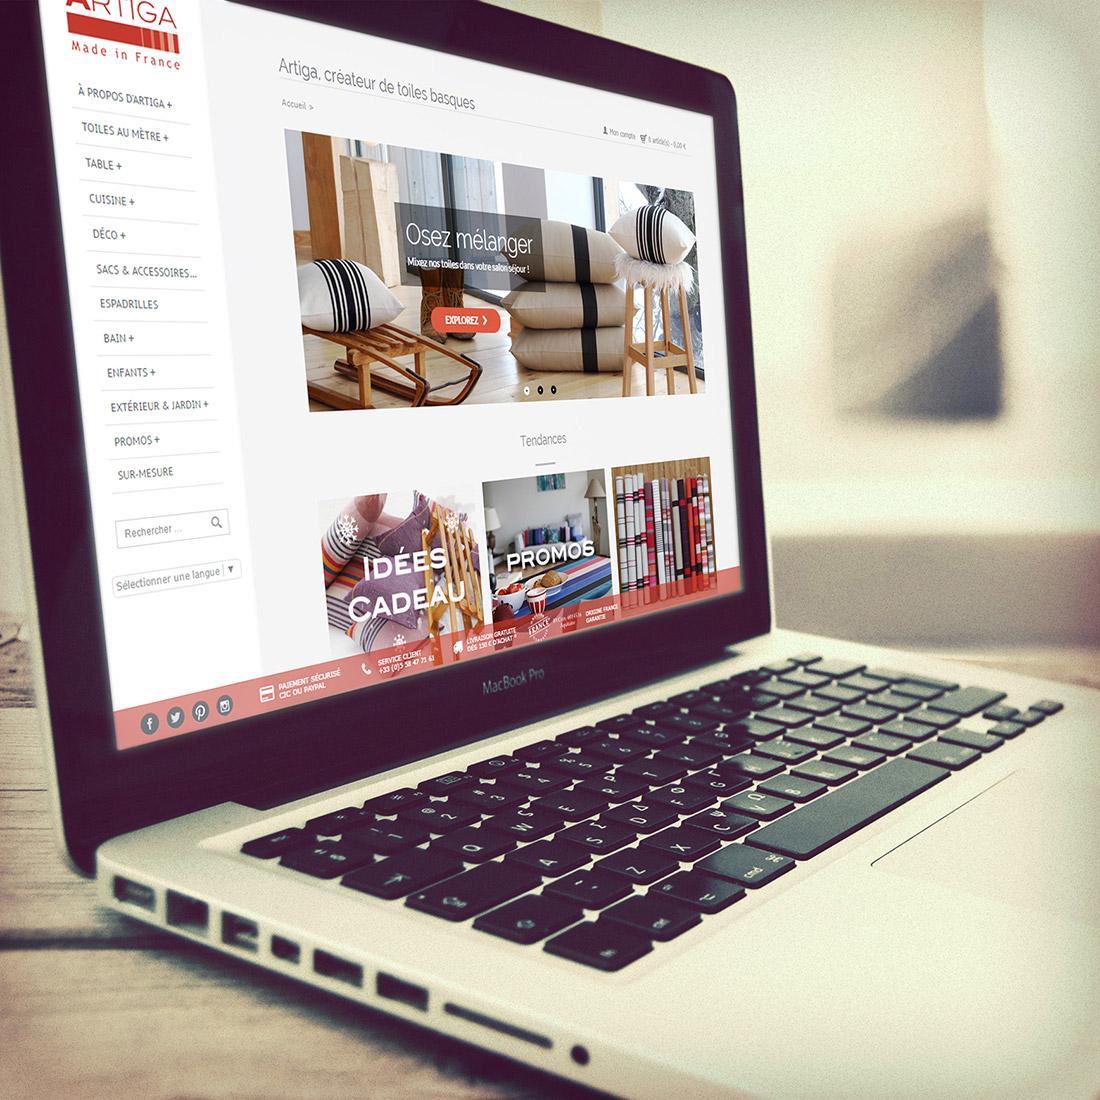 Création site e-commerce Artiga